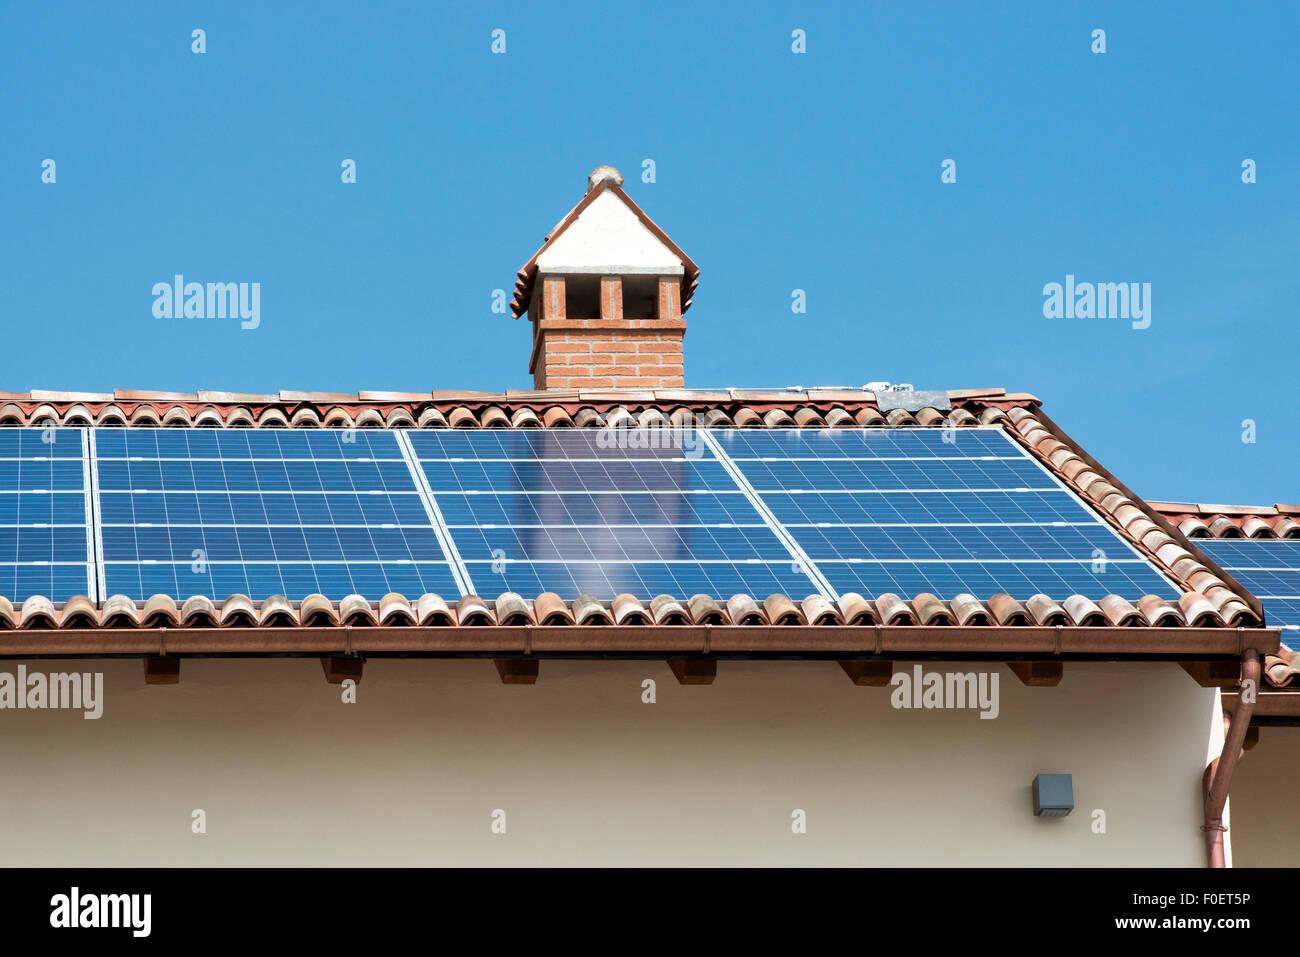 Des panneaux solaires photovoltaïques sur le toit d'un bâtiment Photo Stock